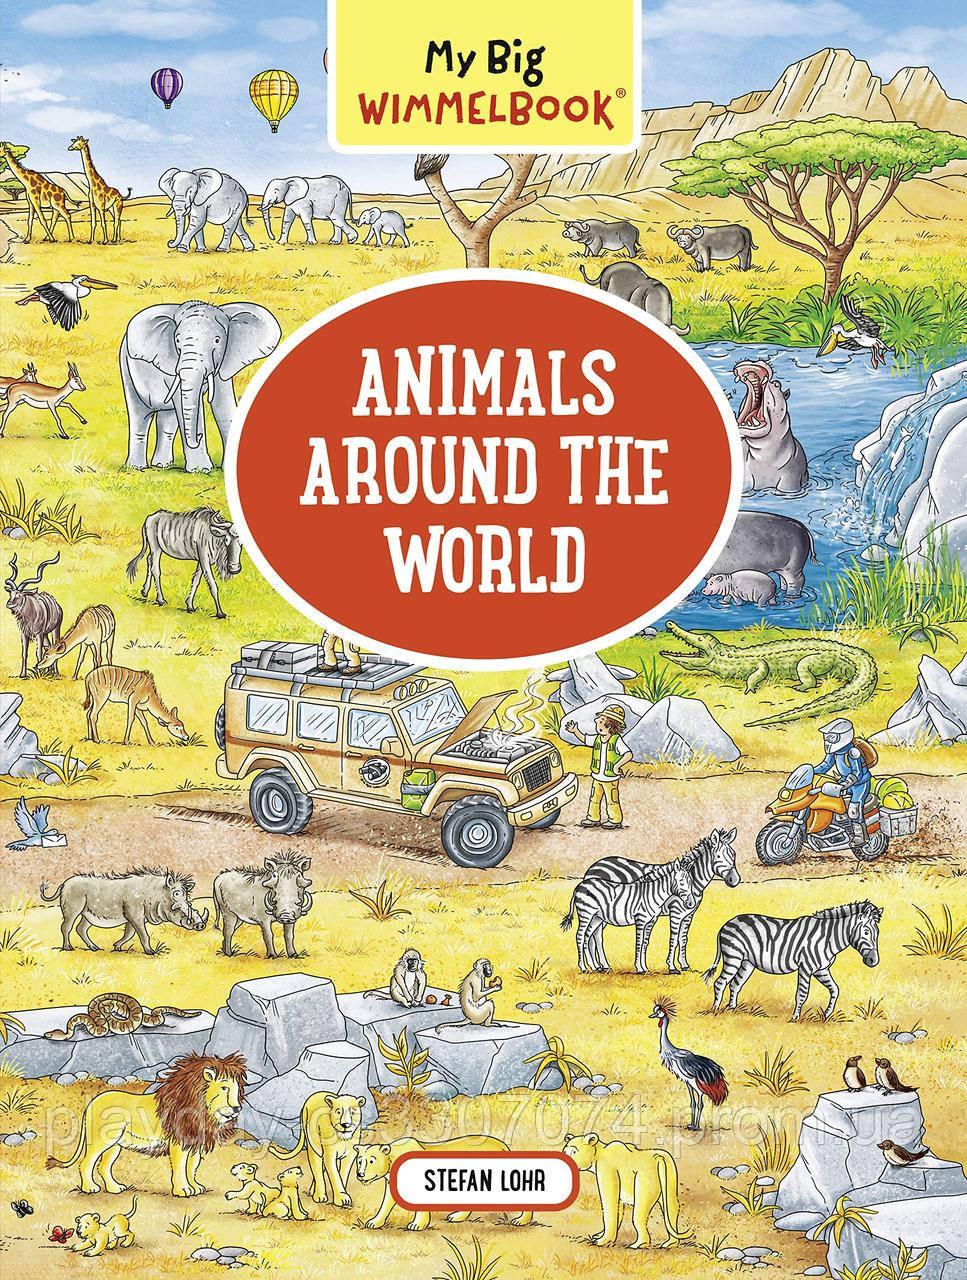 Книга Виммельбух для детей  Животные Animals around the world